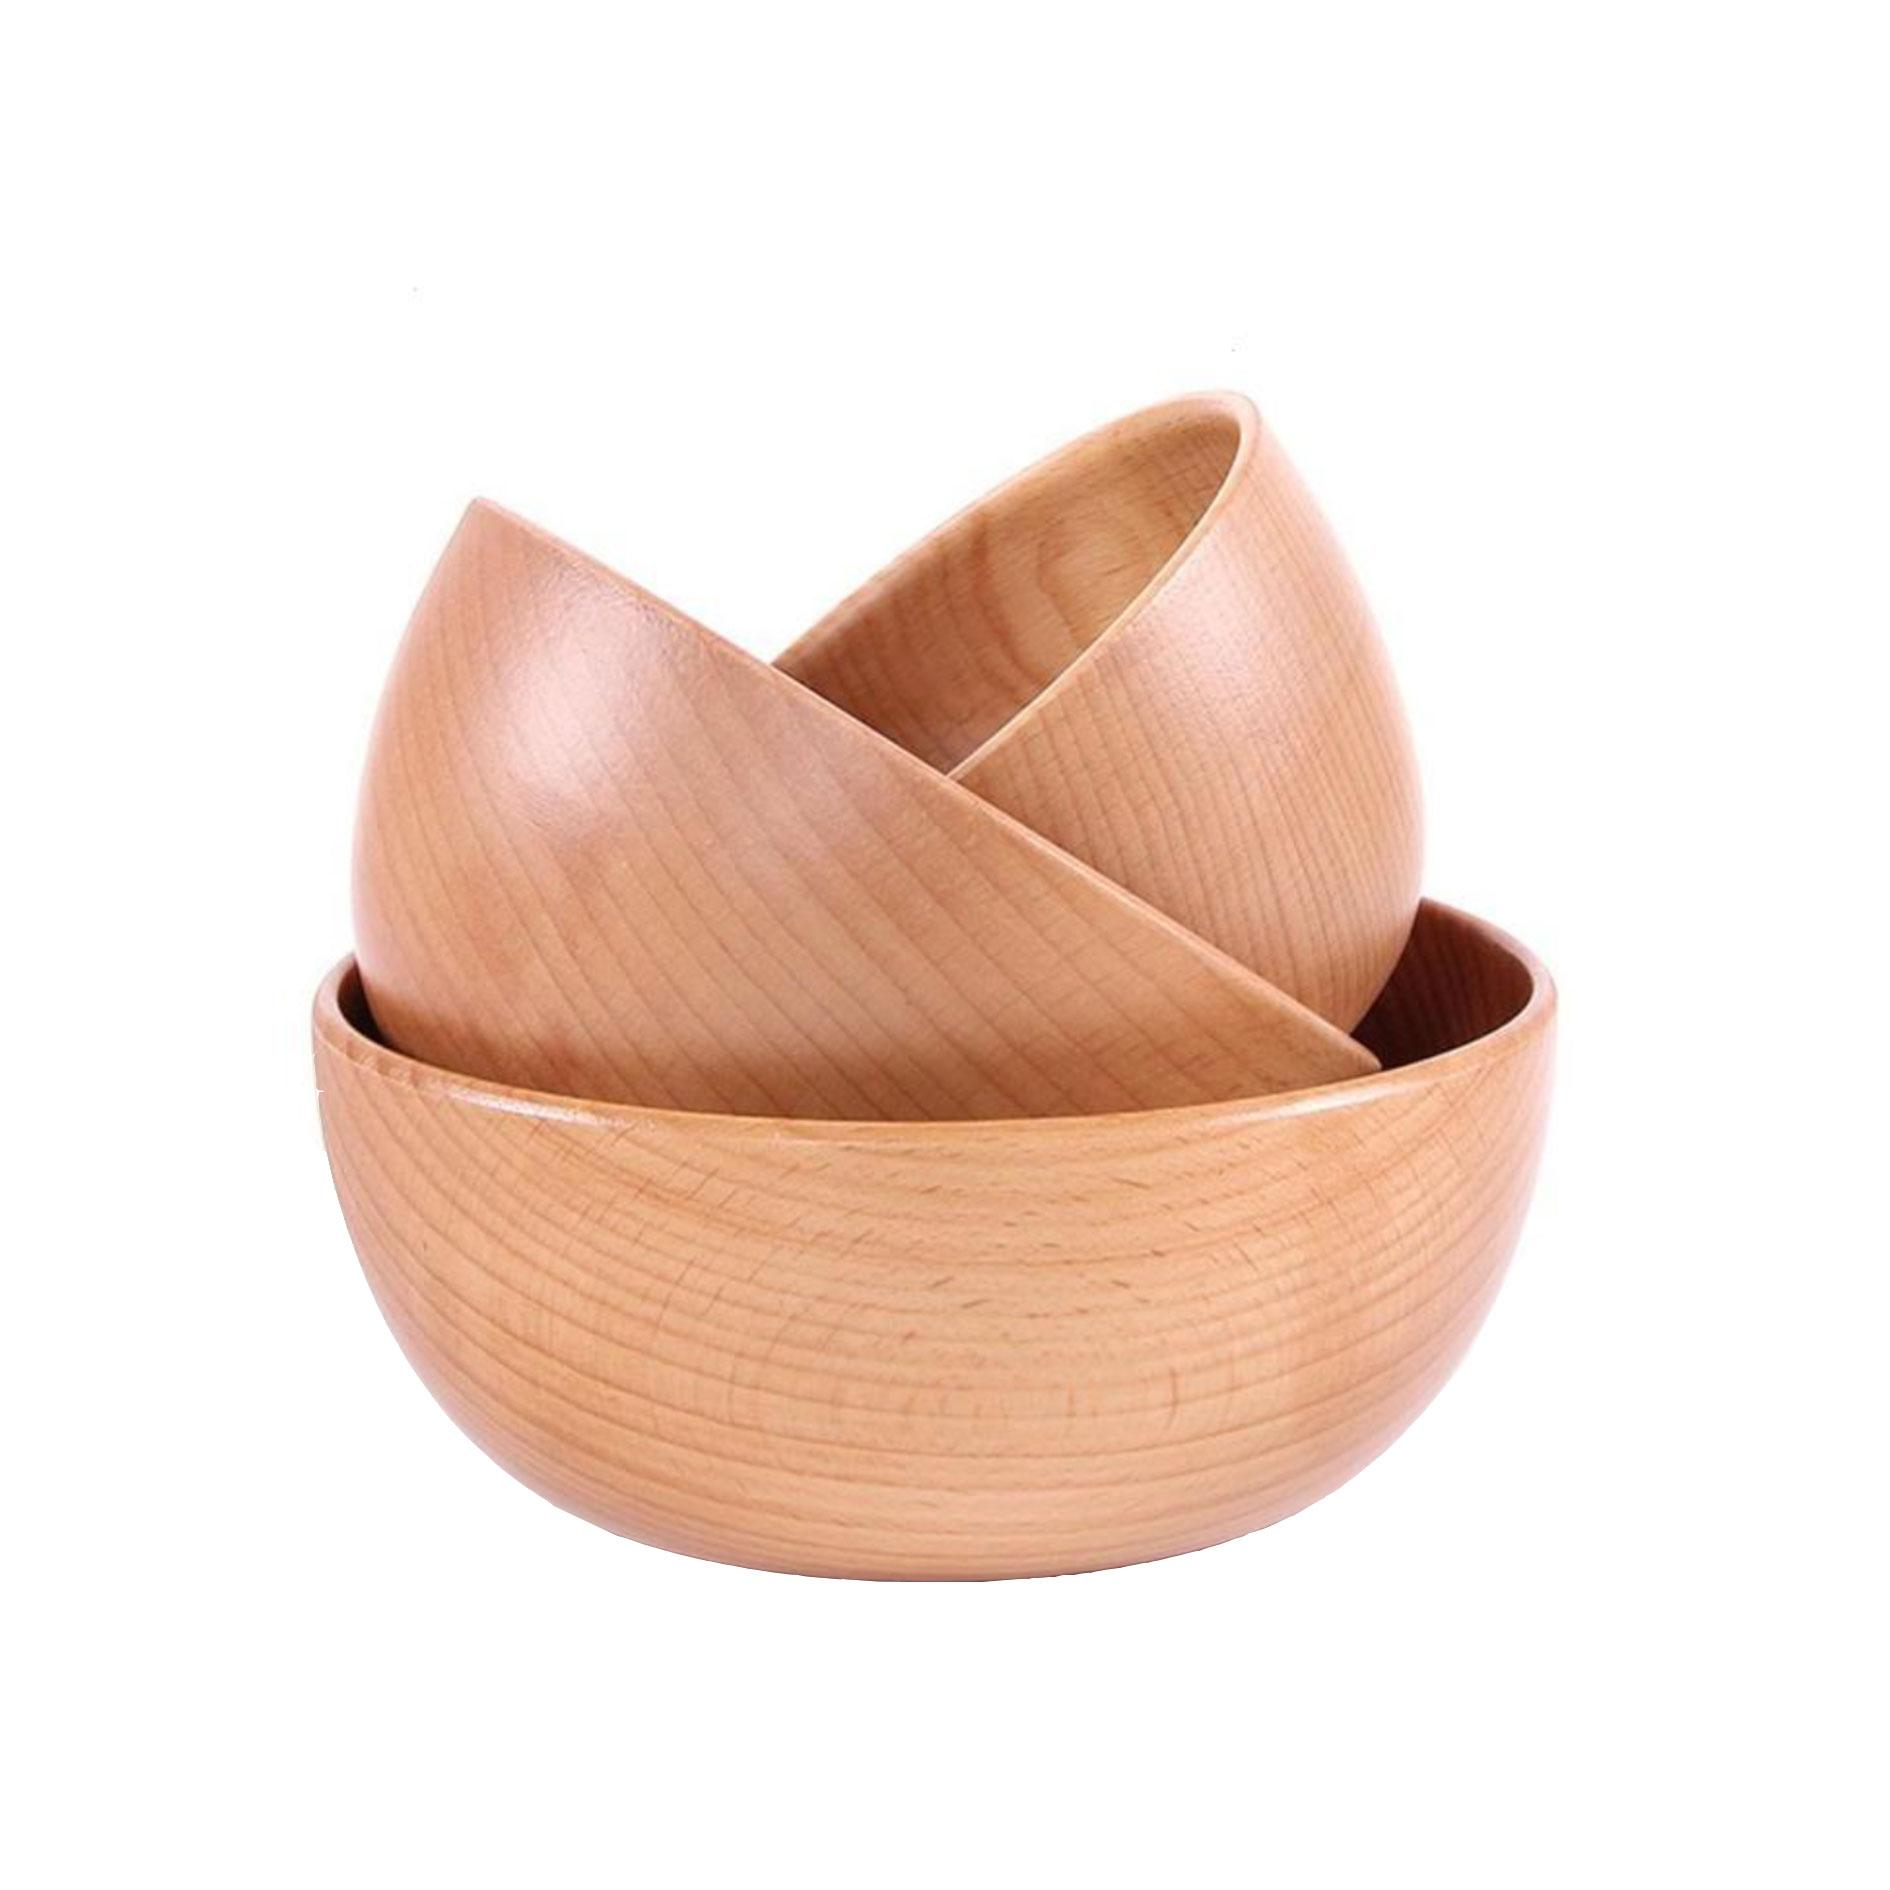 cuenco-de-madera-para-desayuno-y-merienda-bircher